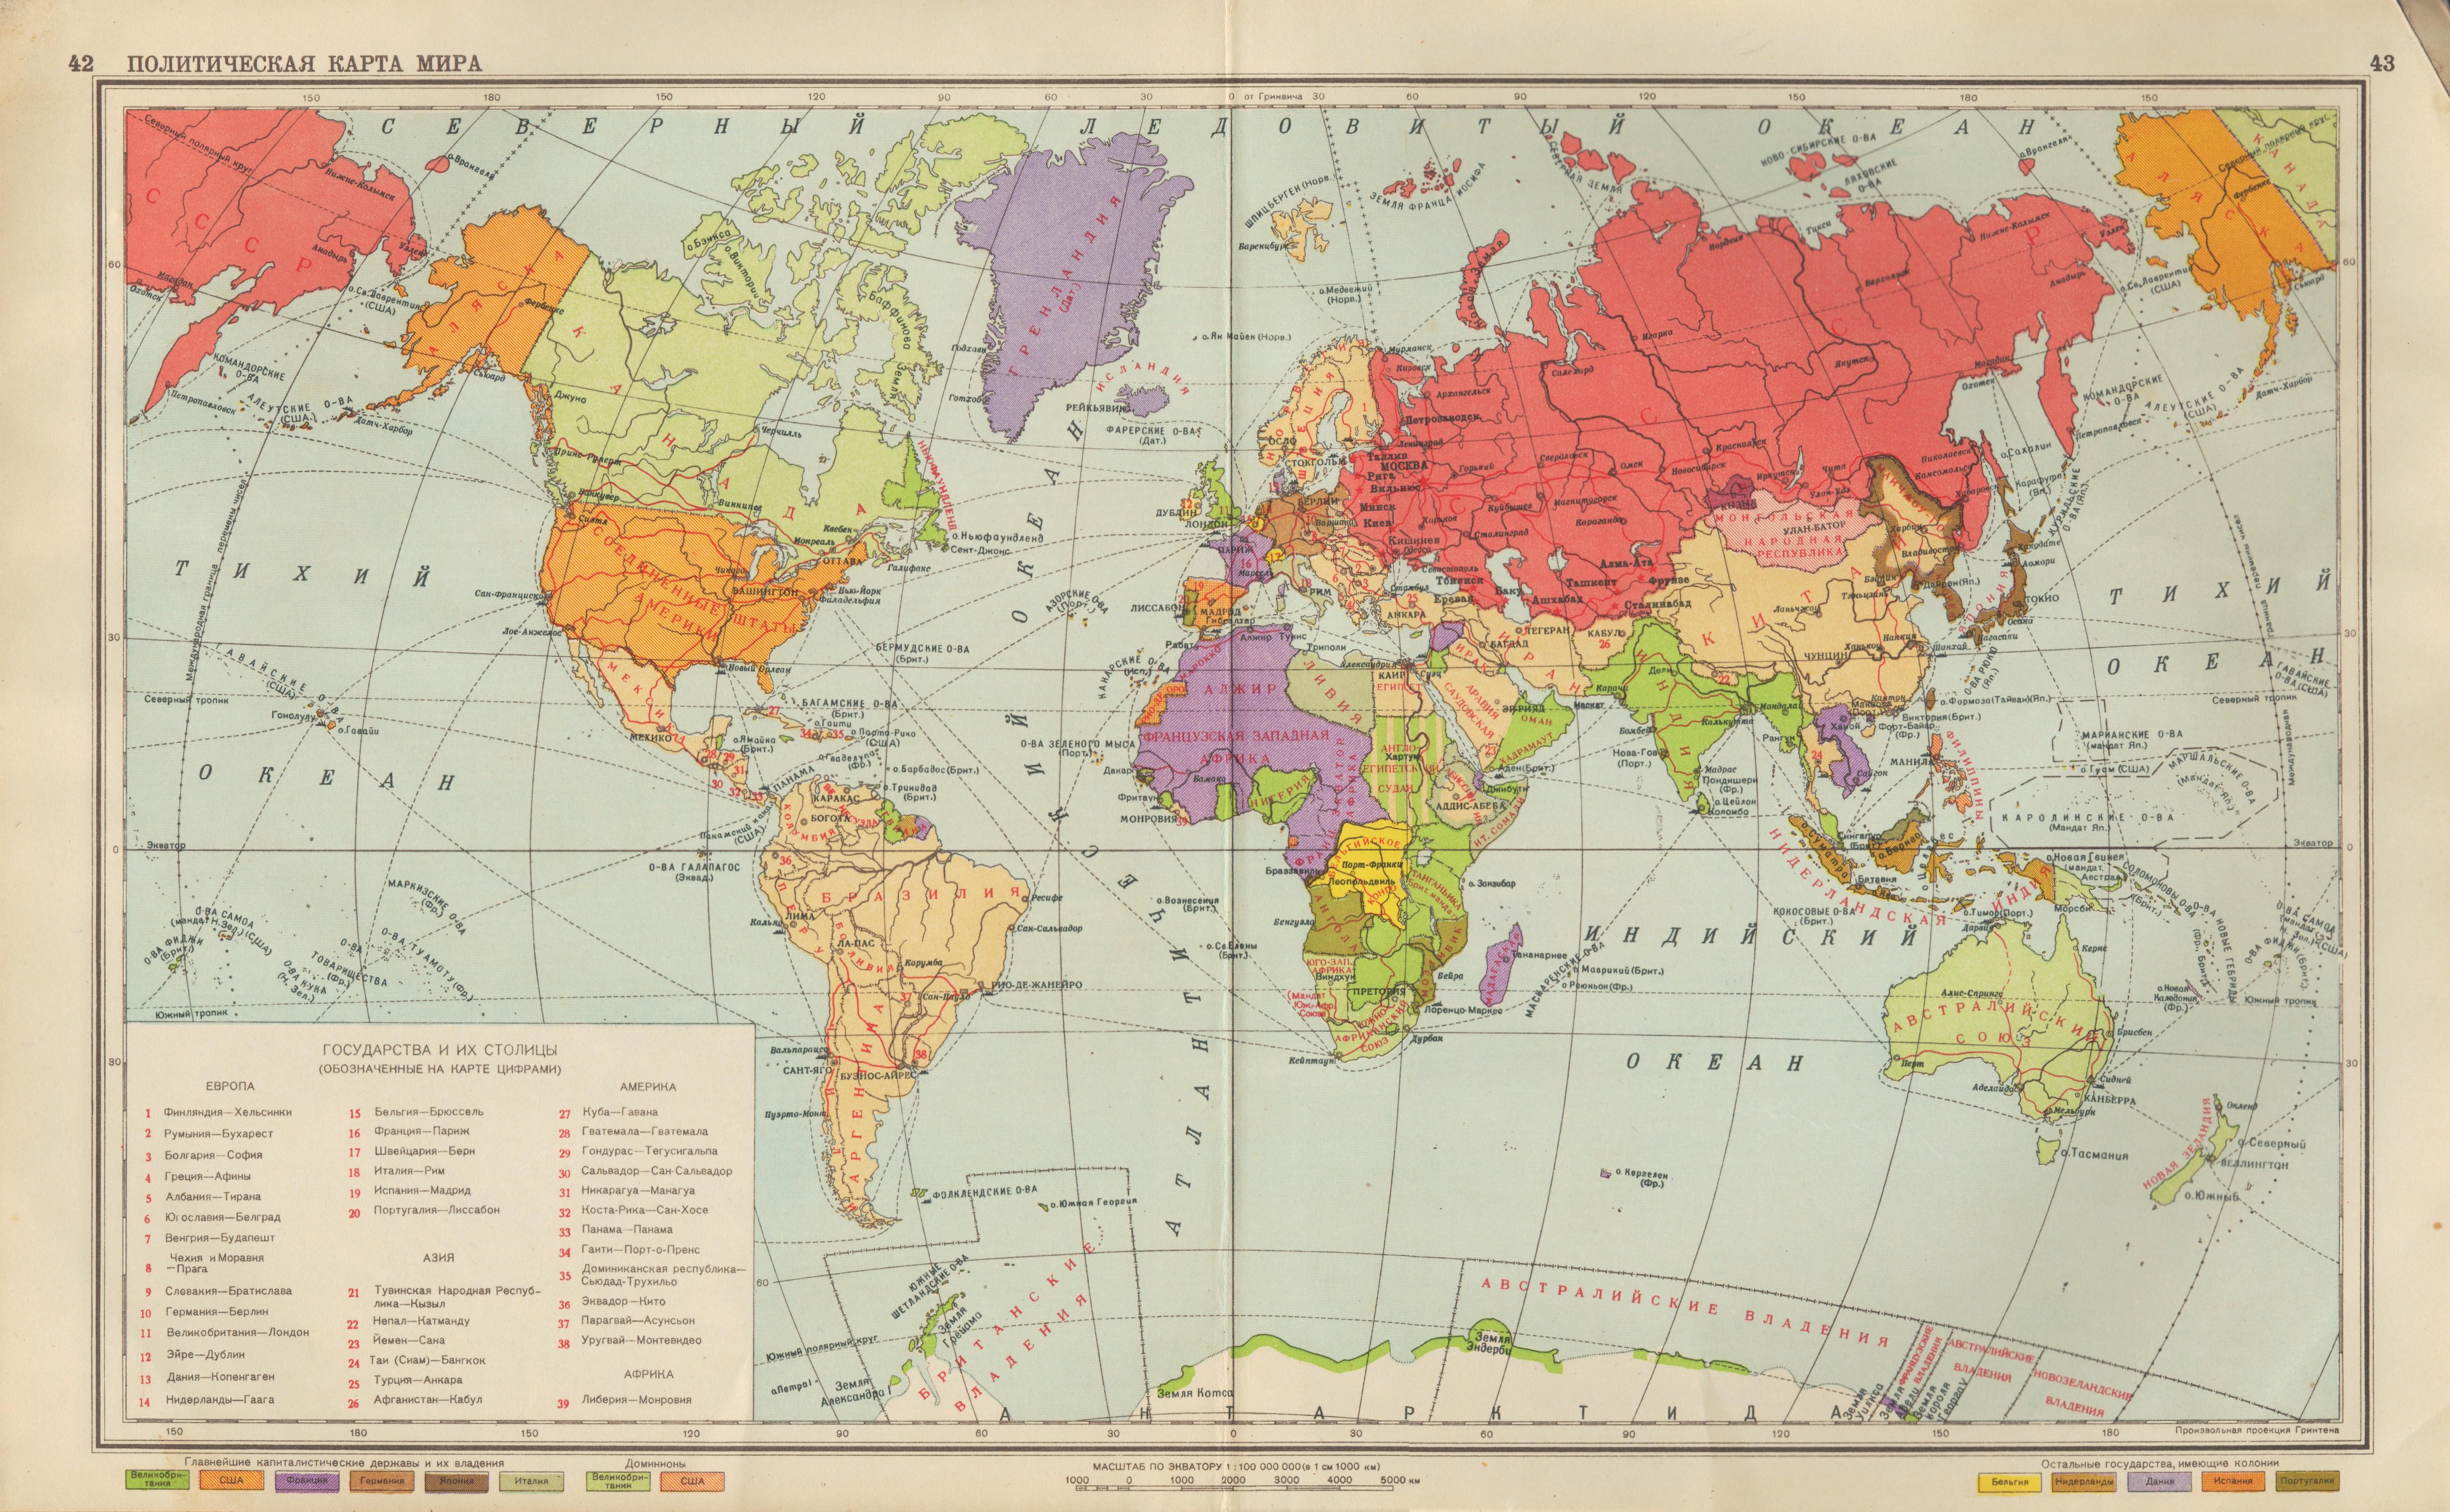 Fajl 42 43 Politicheskaya Karta Mira Jpg Vikipediya